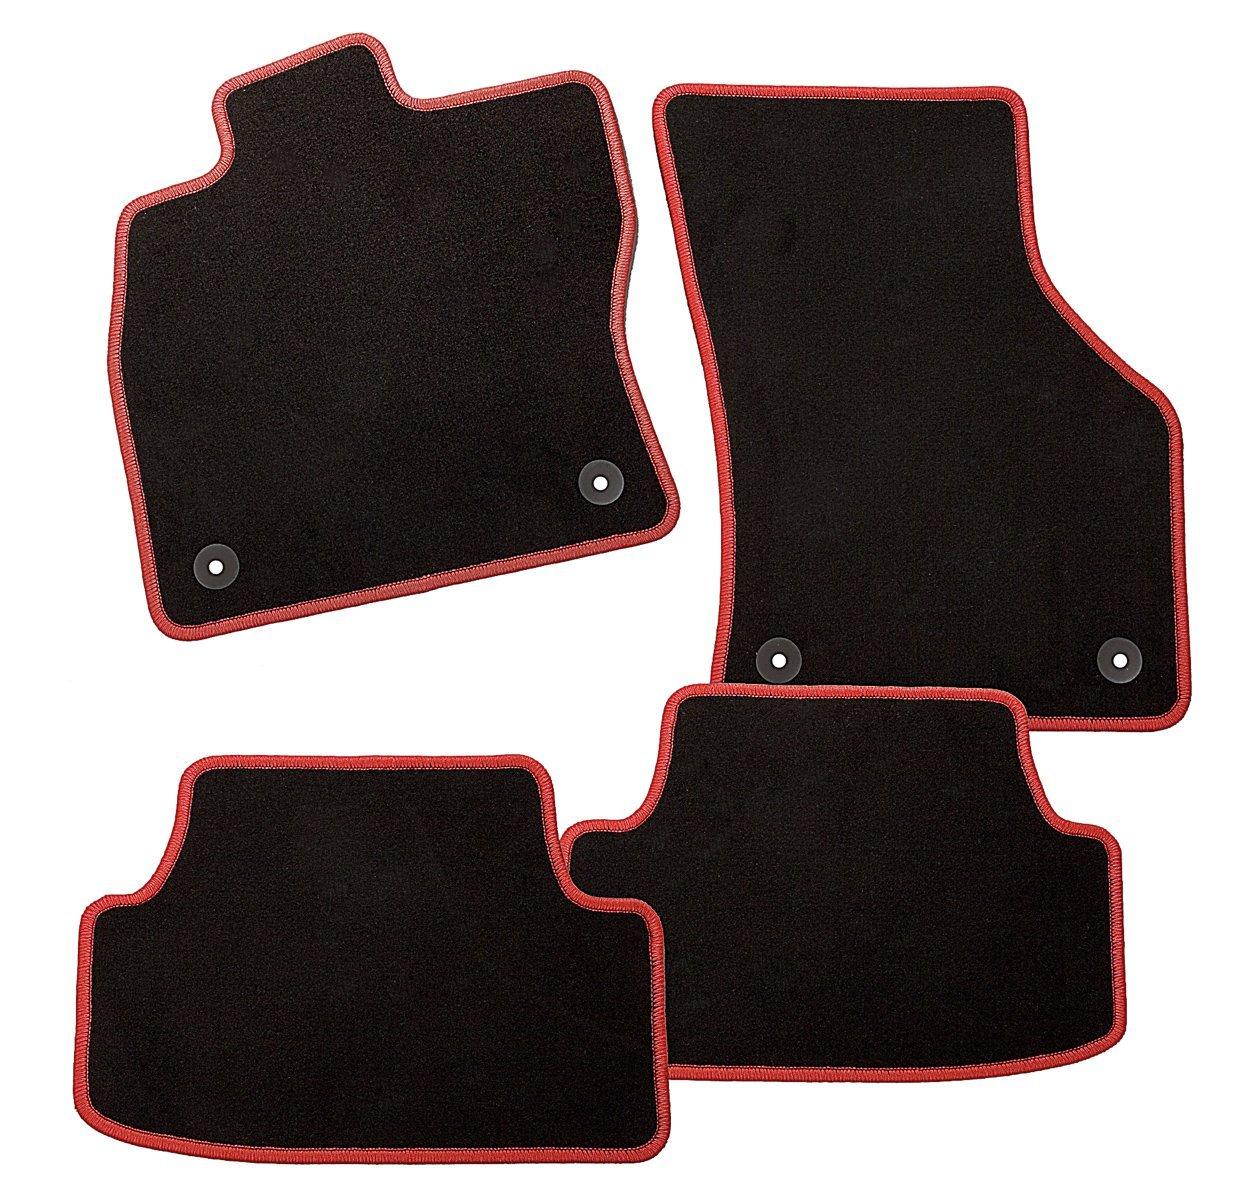 4 teiliges Auto Fussmatten Set mit Mattenhalter CarFashion 227342 ExquiPlus Schwarze  Hochglanz Kettelung Passform Auto Fussmatten Fussmatte Velours in schwarz anthrazit